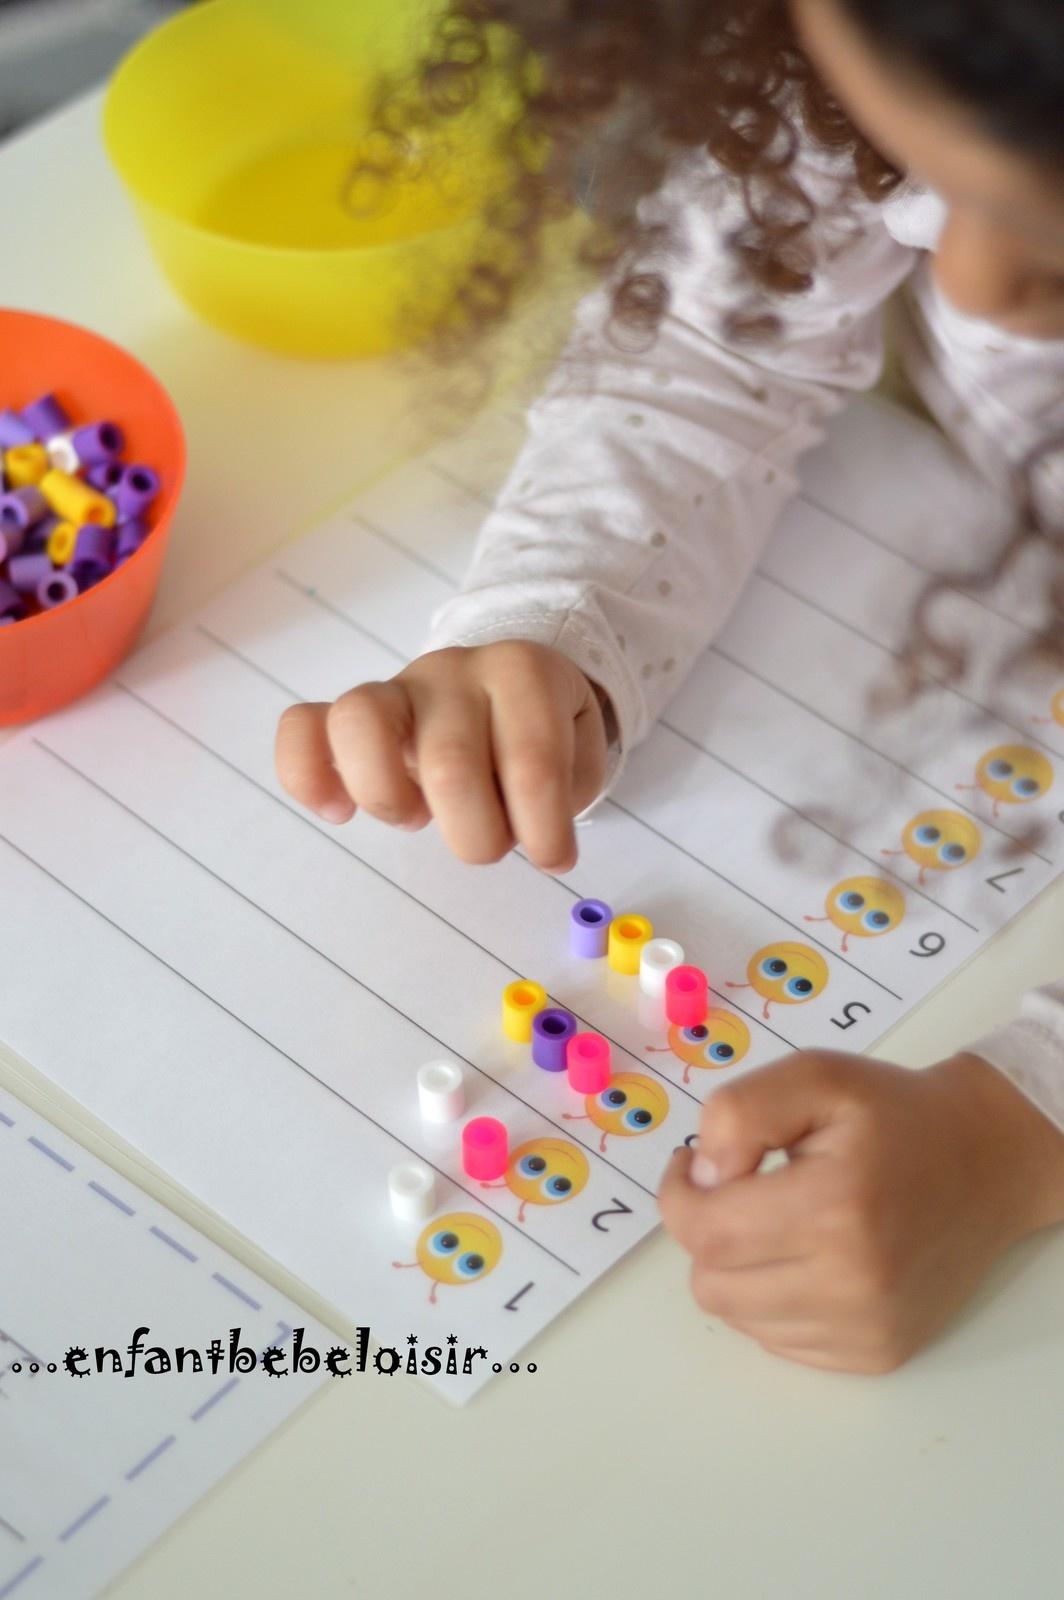 Fiche Exercice À Compter - Pdf À Imprimer - Enfant Bébé Loisir destiné Fiche Petite Section À Imprimer